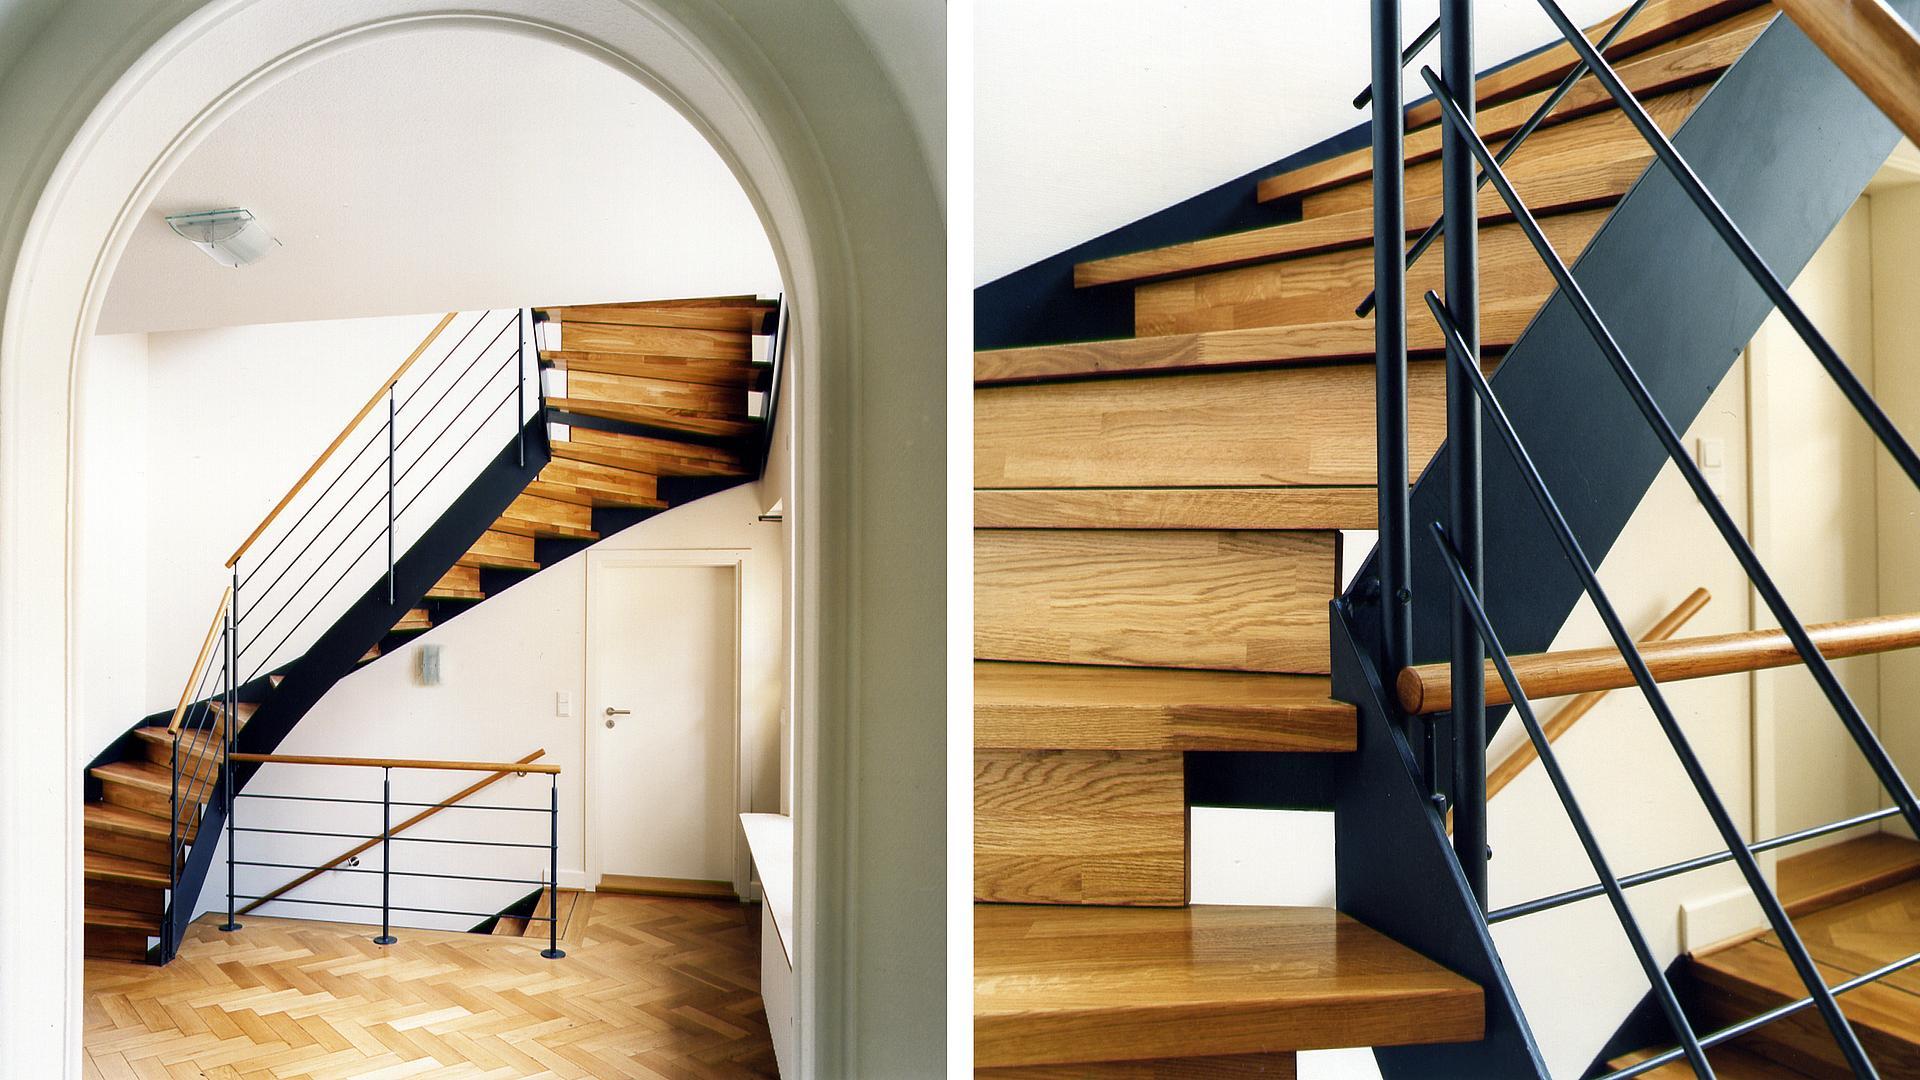 Gut bekannt Umbau und Modernisierung einer Villa - Brandschutz und Privatheit GX33